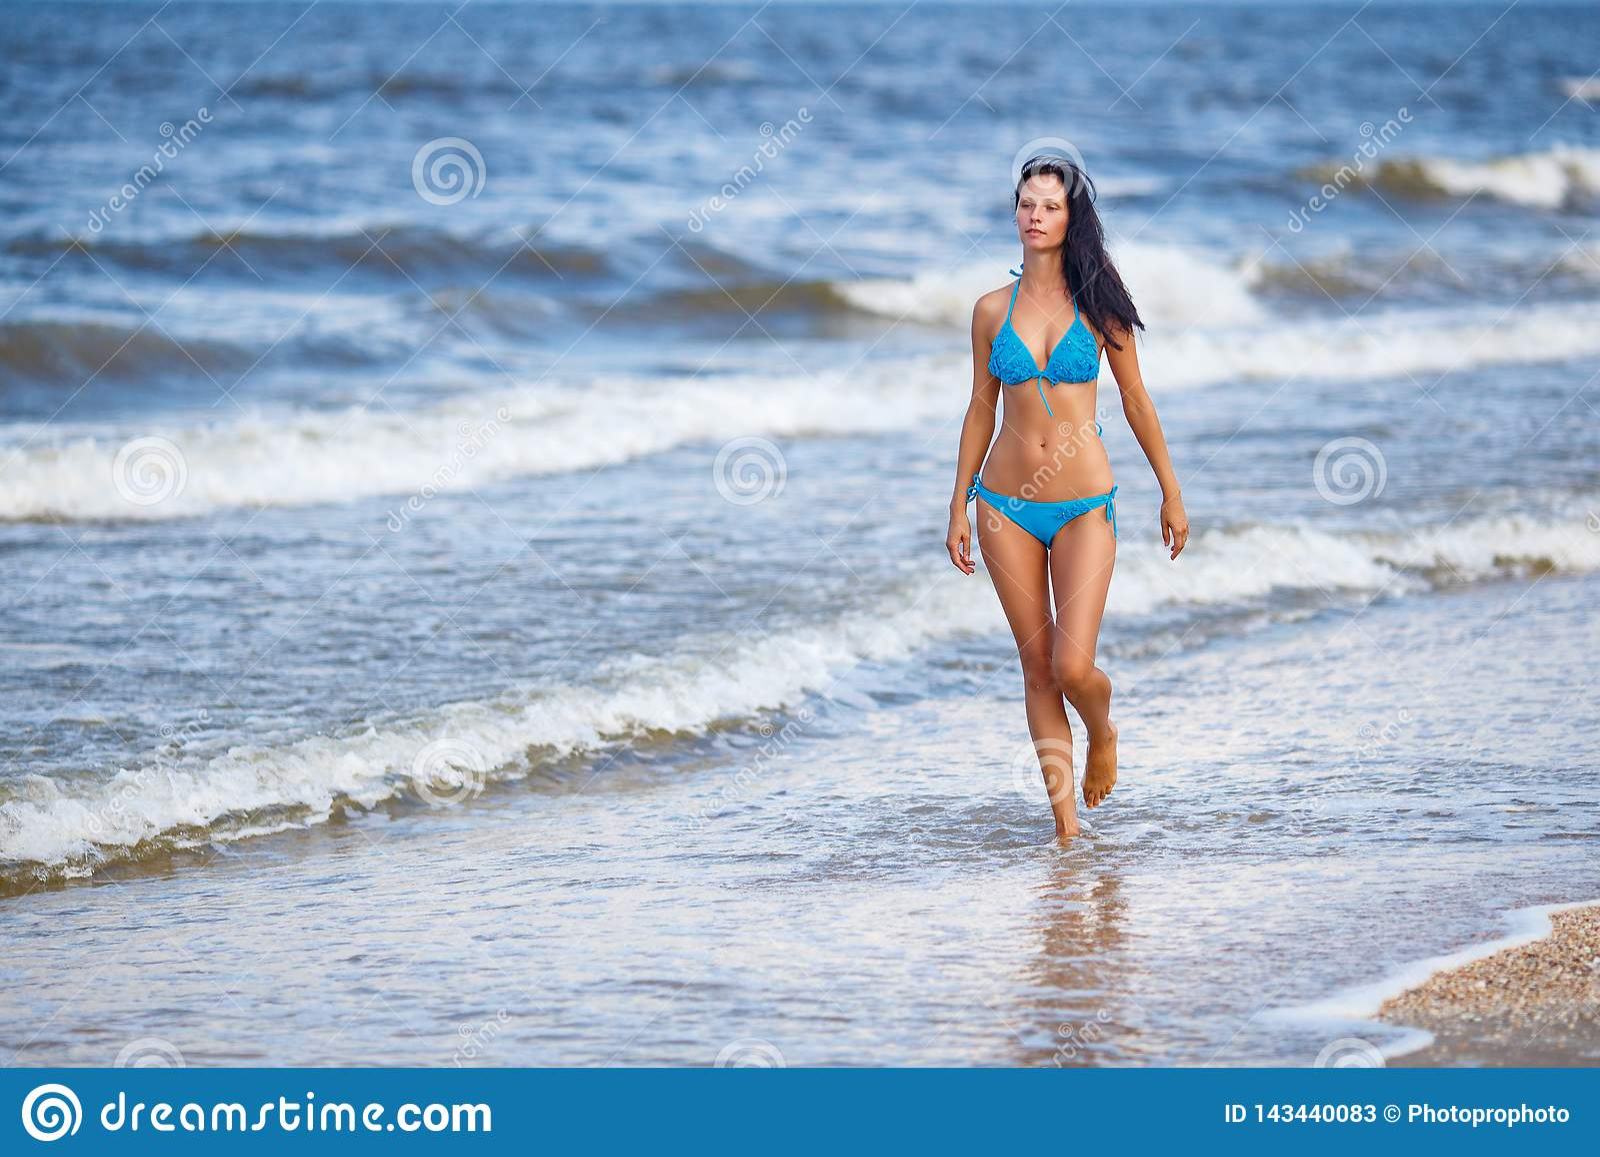 Красивая худенькая женщина в голубом купальнике идя на пляж